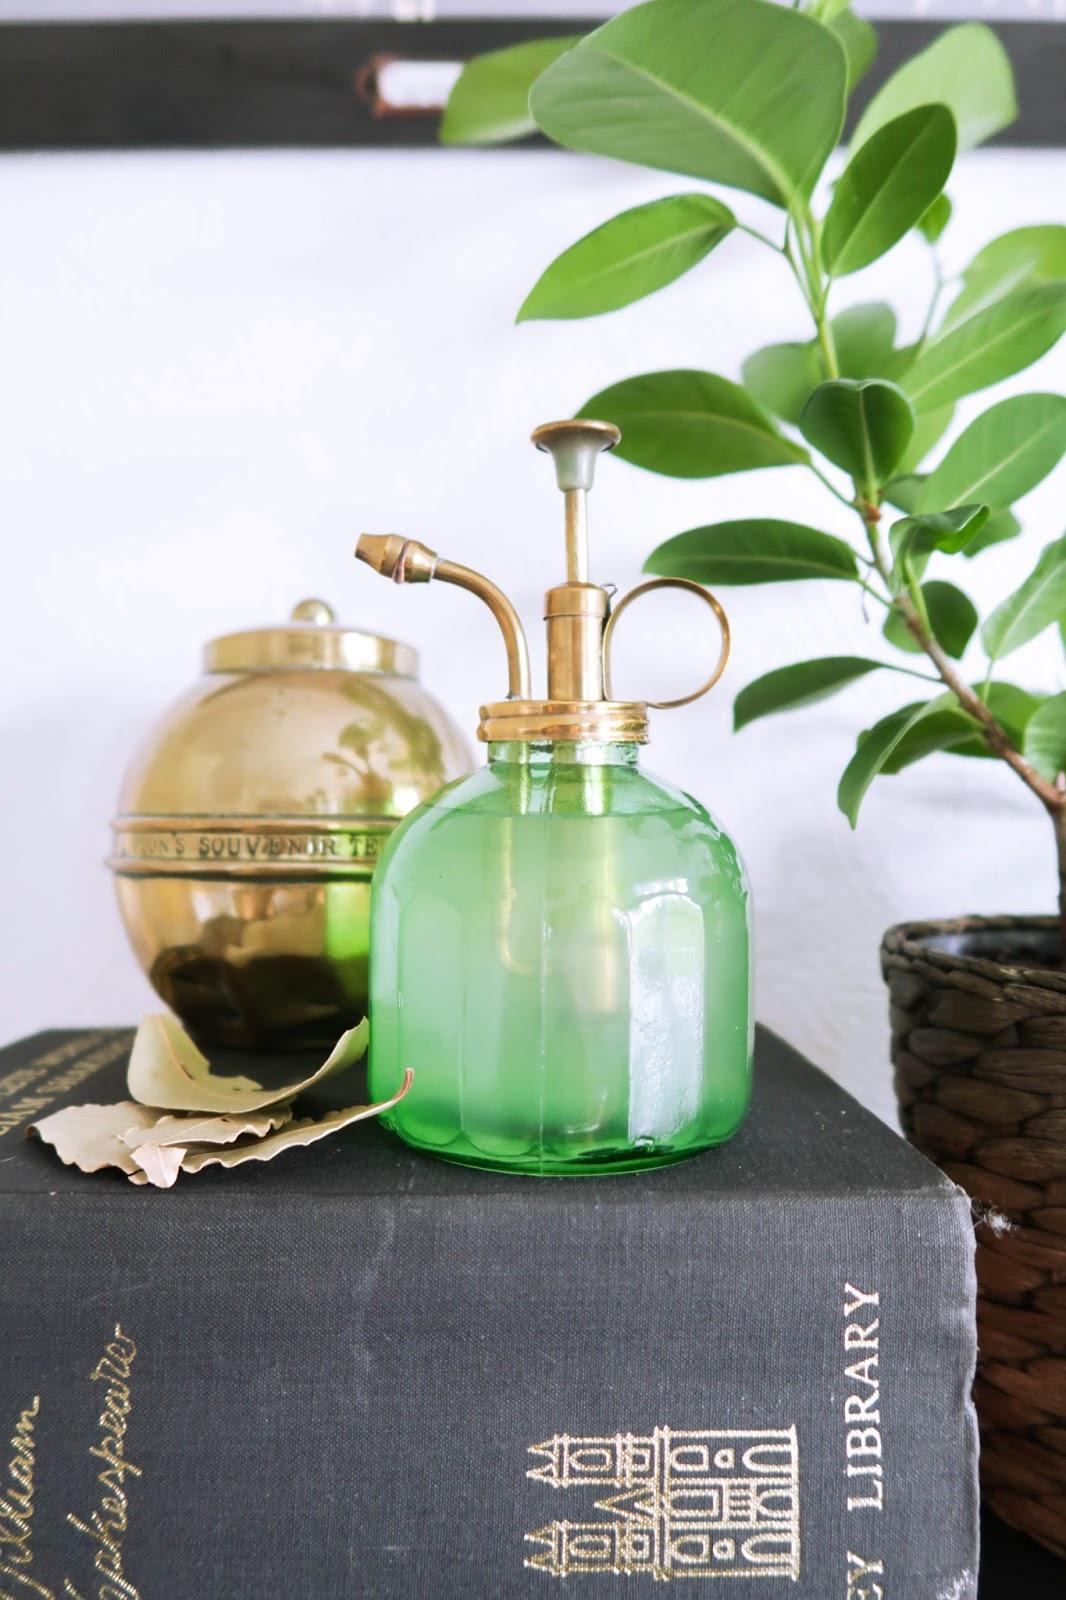 Vintage atomiser plant mister